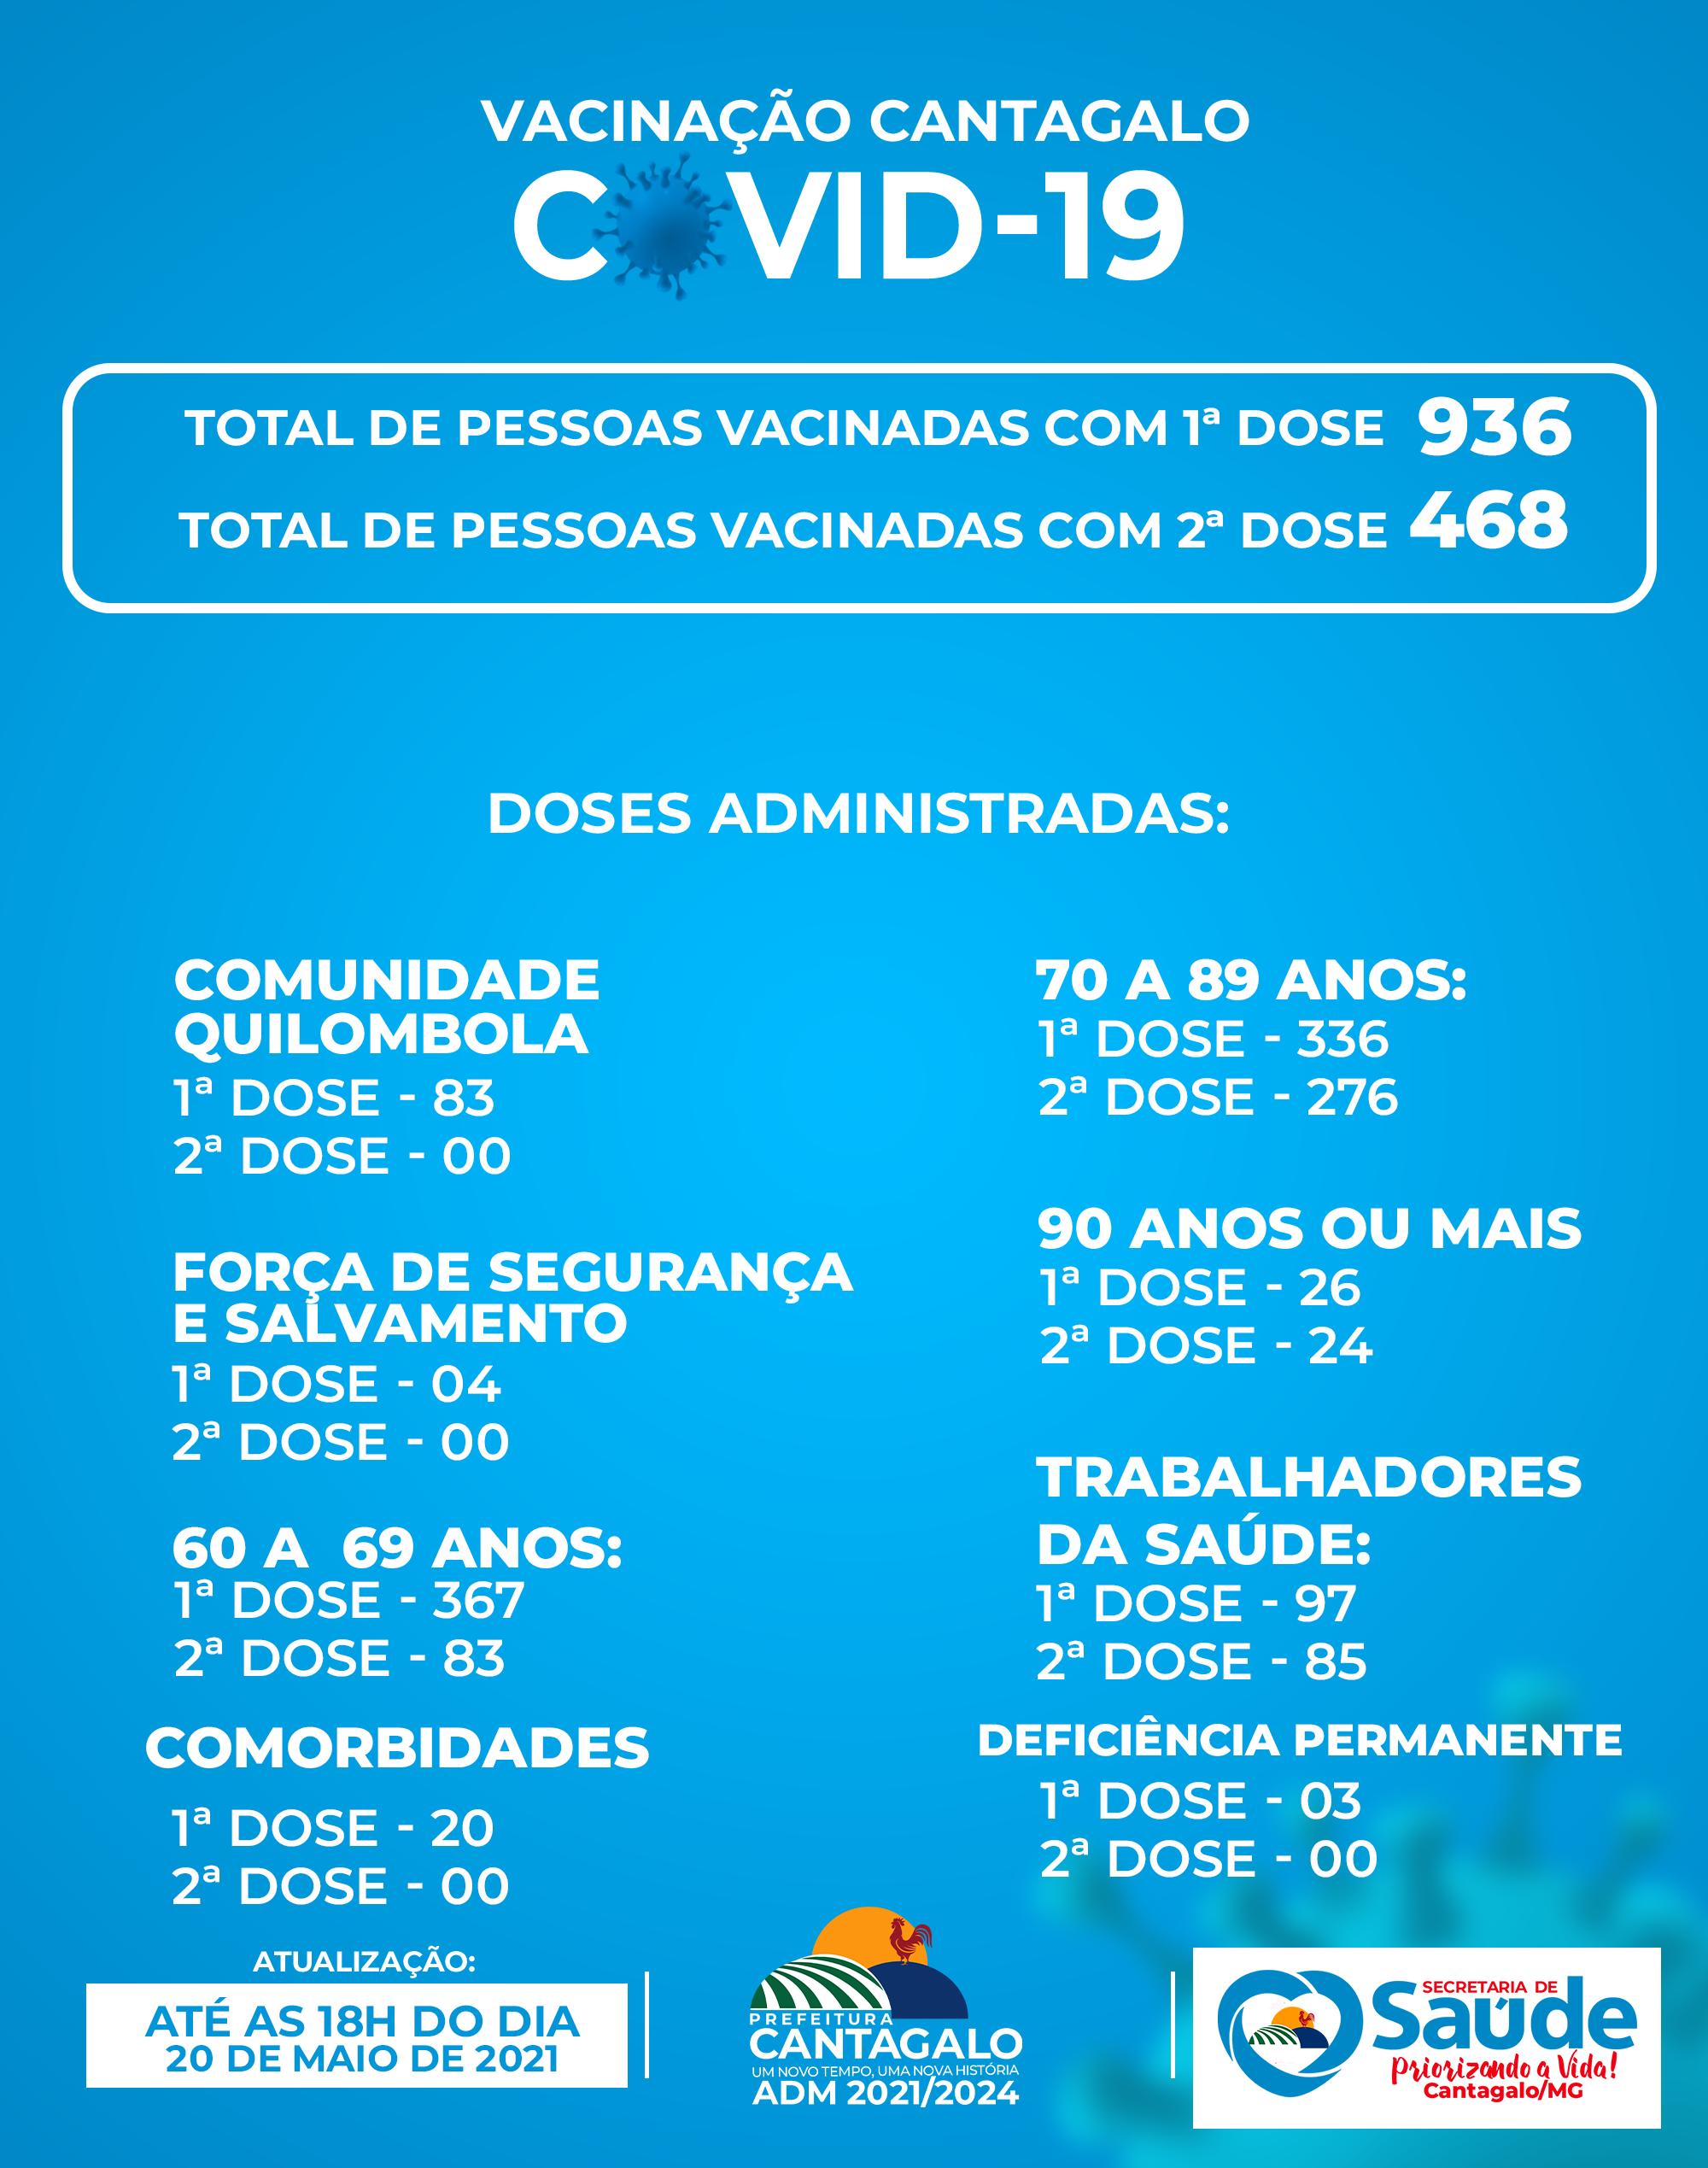 VACINÔMETRO CANTAGALO - 20/05/2021